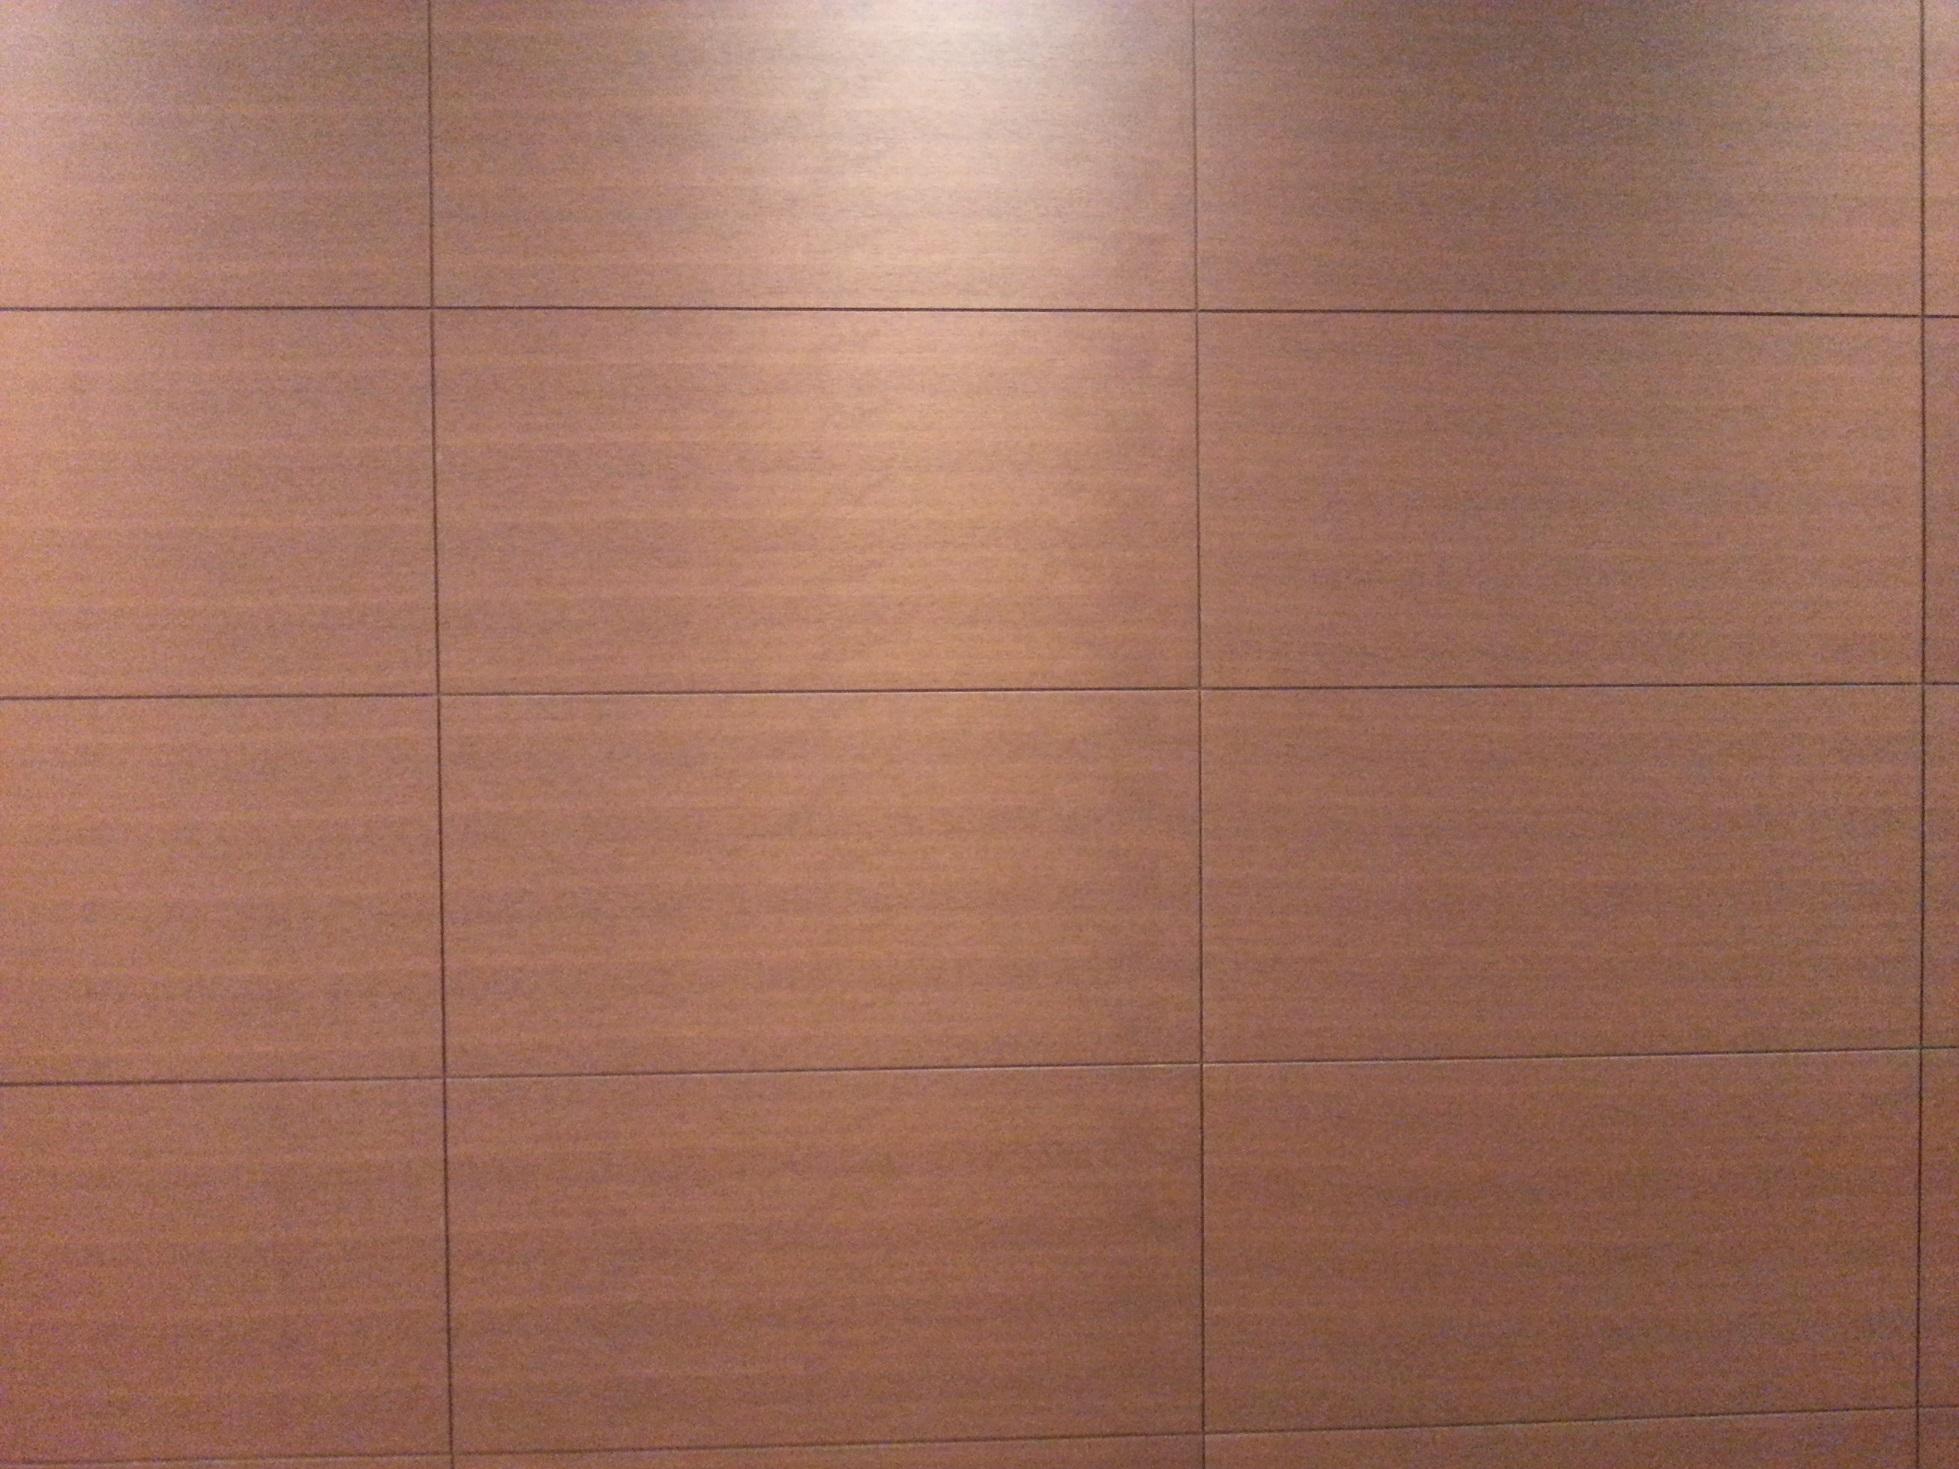 阻燃木饰面板 是由木皮,纸,铝箔,胶层等材料通过创新手段复合而成的新型饰面材料,产品具有阻燃防潮、易弯折,兼具天然木肌理及装饰效果,且能一定程度上替代传统木饰面,我们相信它在未来能引领木饰面发展的潮流。 防火:A2级 阻燃木皮结构  阻燃木皮  装饰效果